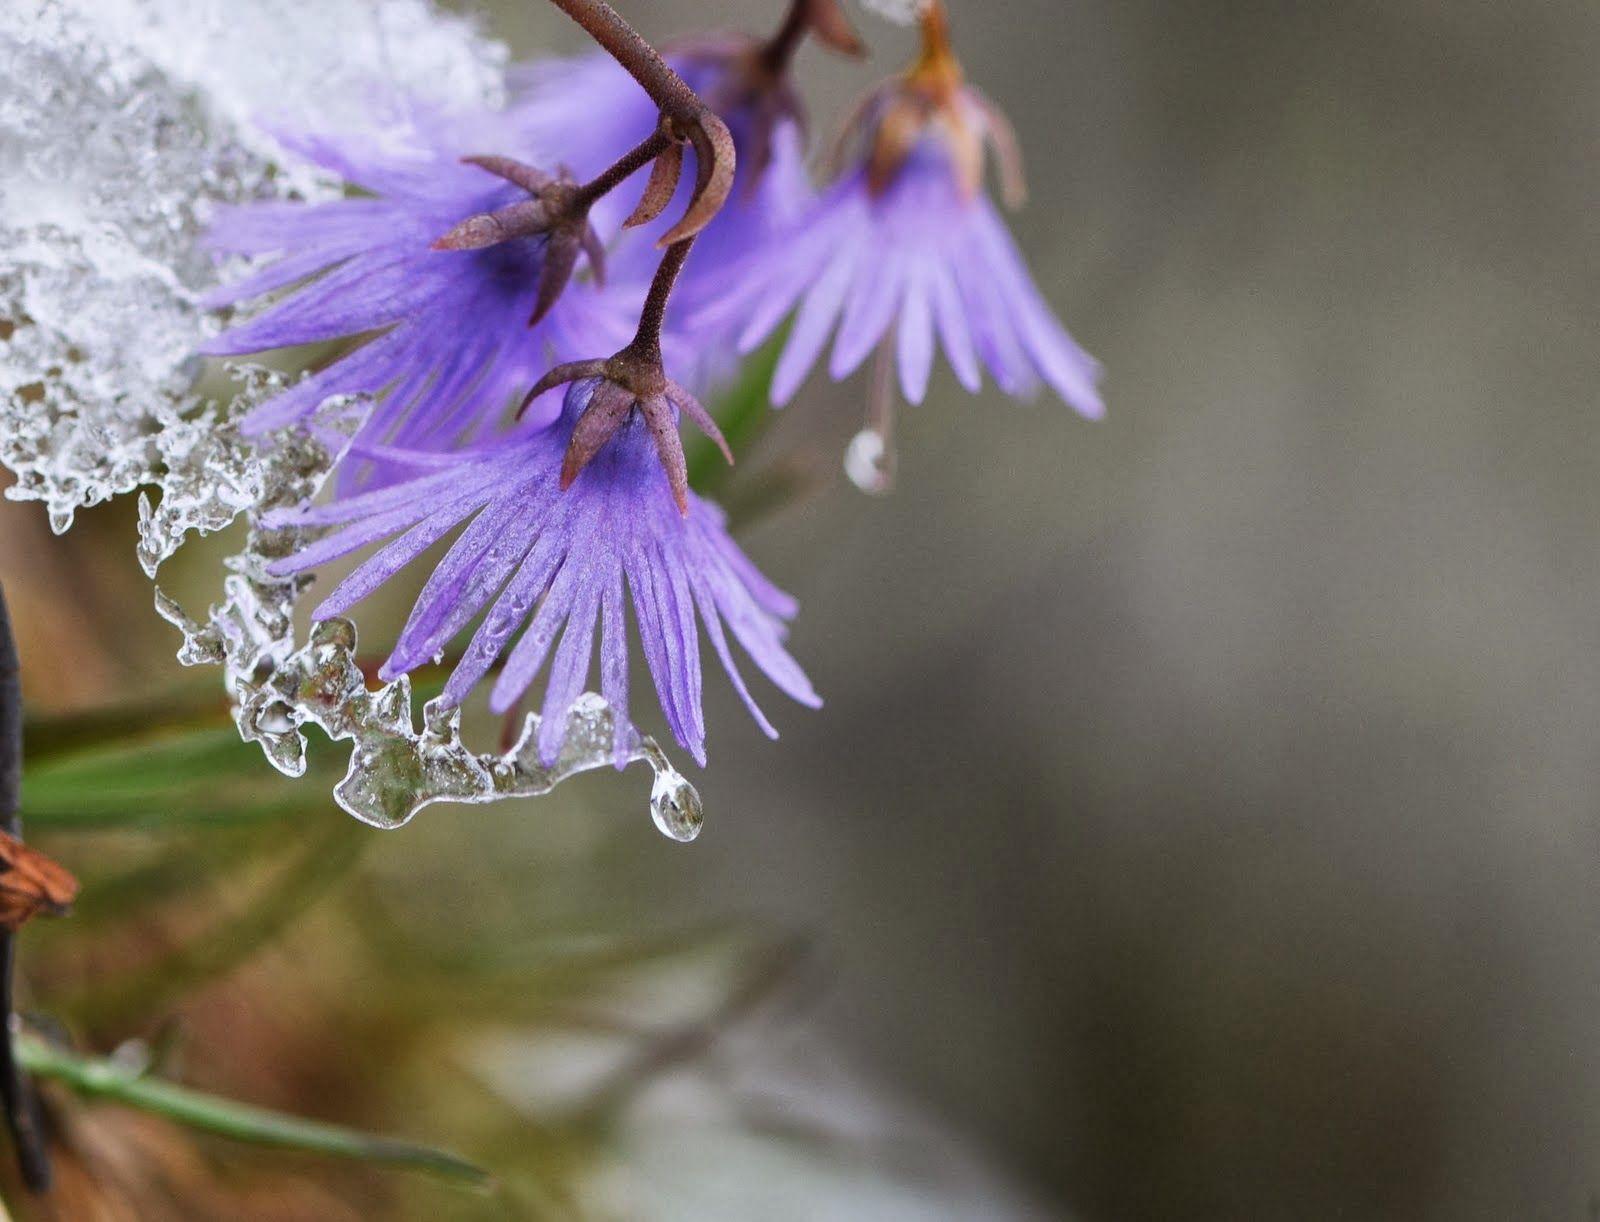 Rain flowers beautiful purple flower in rain hd wallpaper hd rain flowers beautiful purple flower in rain hd wallpaper hd wallpaper pictures altavistaventures Gallery